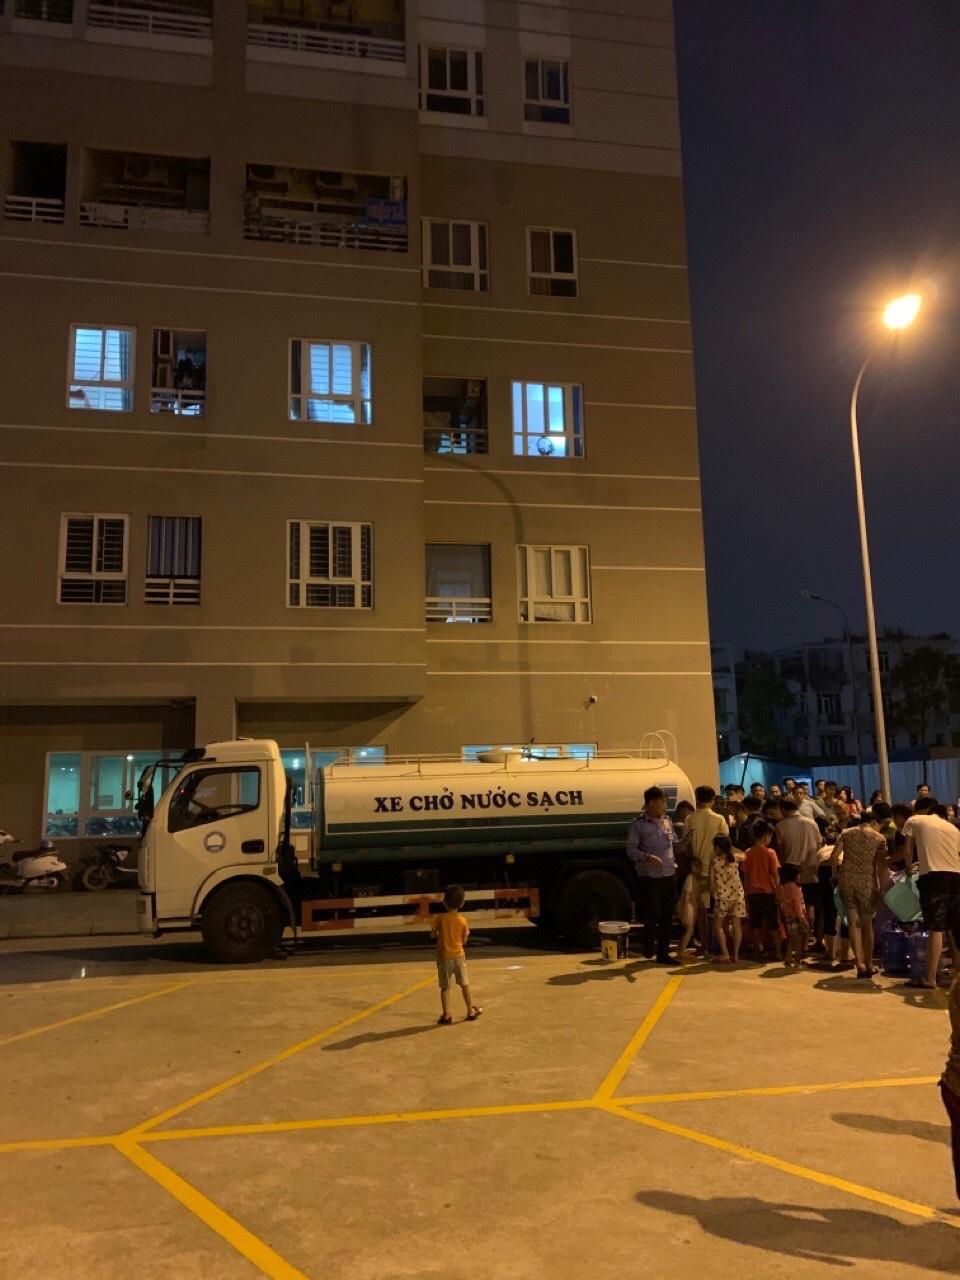 Vụ nước sạch Hà Nội có mùi lạ: Trong 5 tiếng, 2.000 cuộc gọi xin hỗ trợ cấp nước - 1